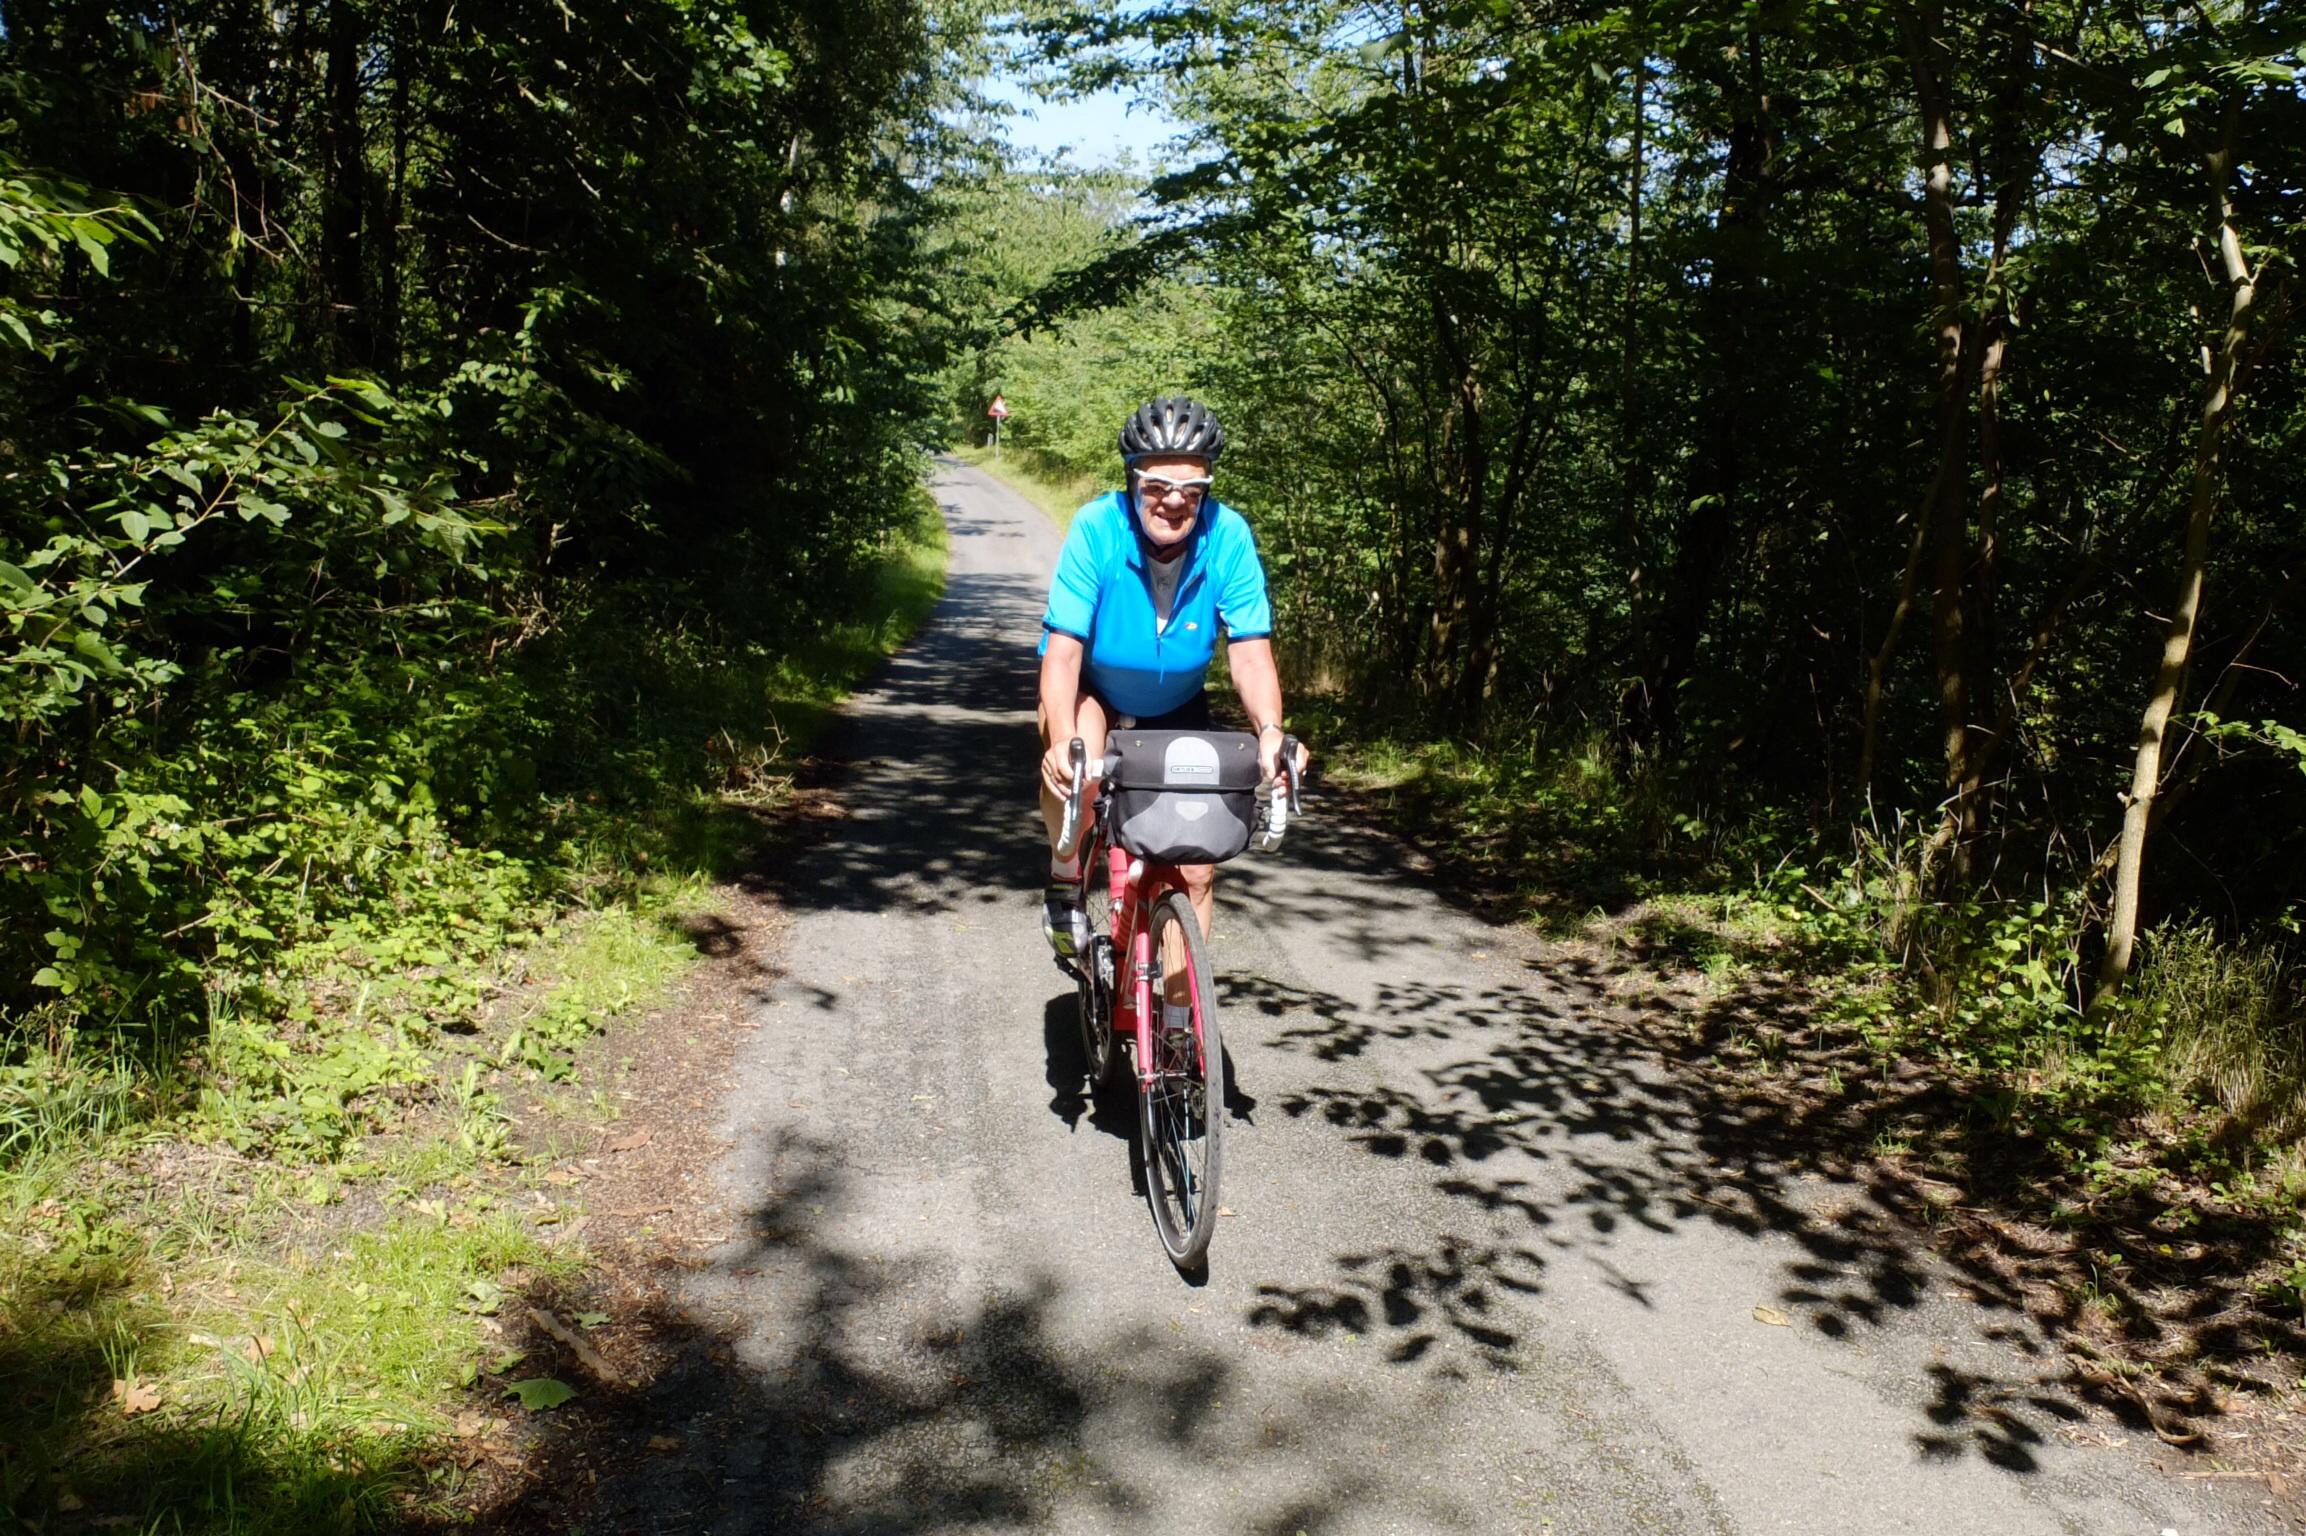 Cykelstier i smukke omgivelser, og stigninger på op til 15% - tak!!!